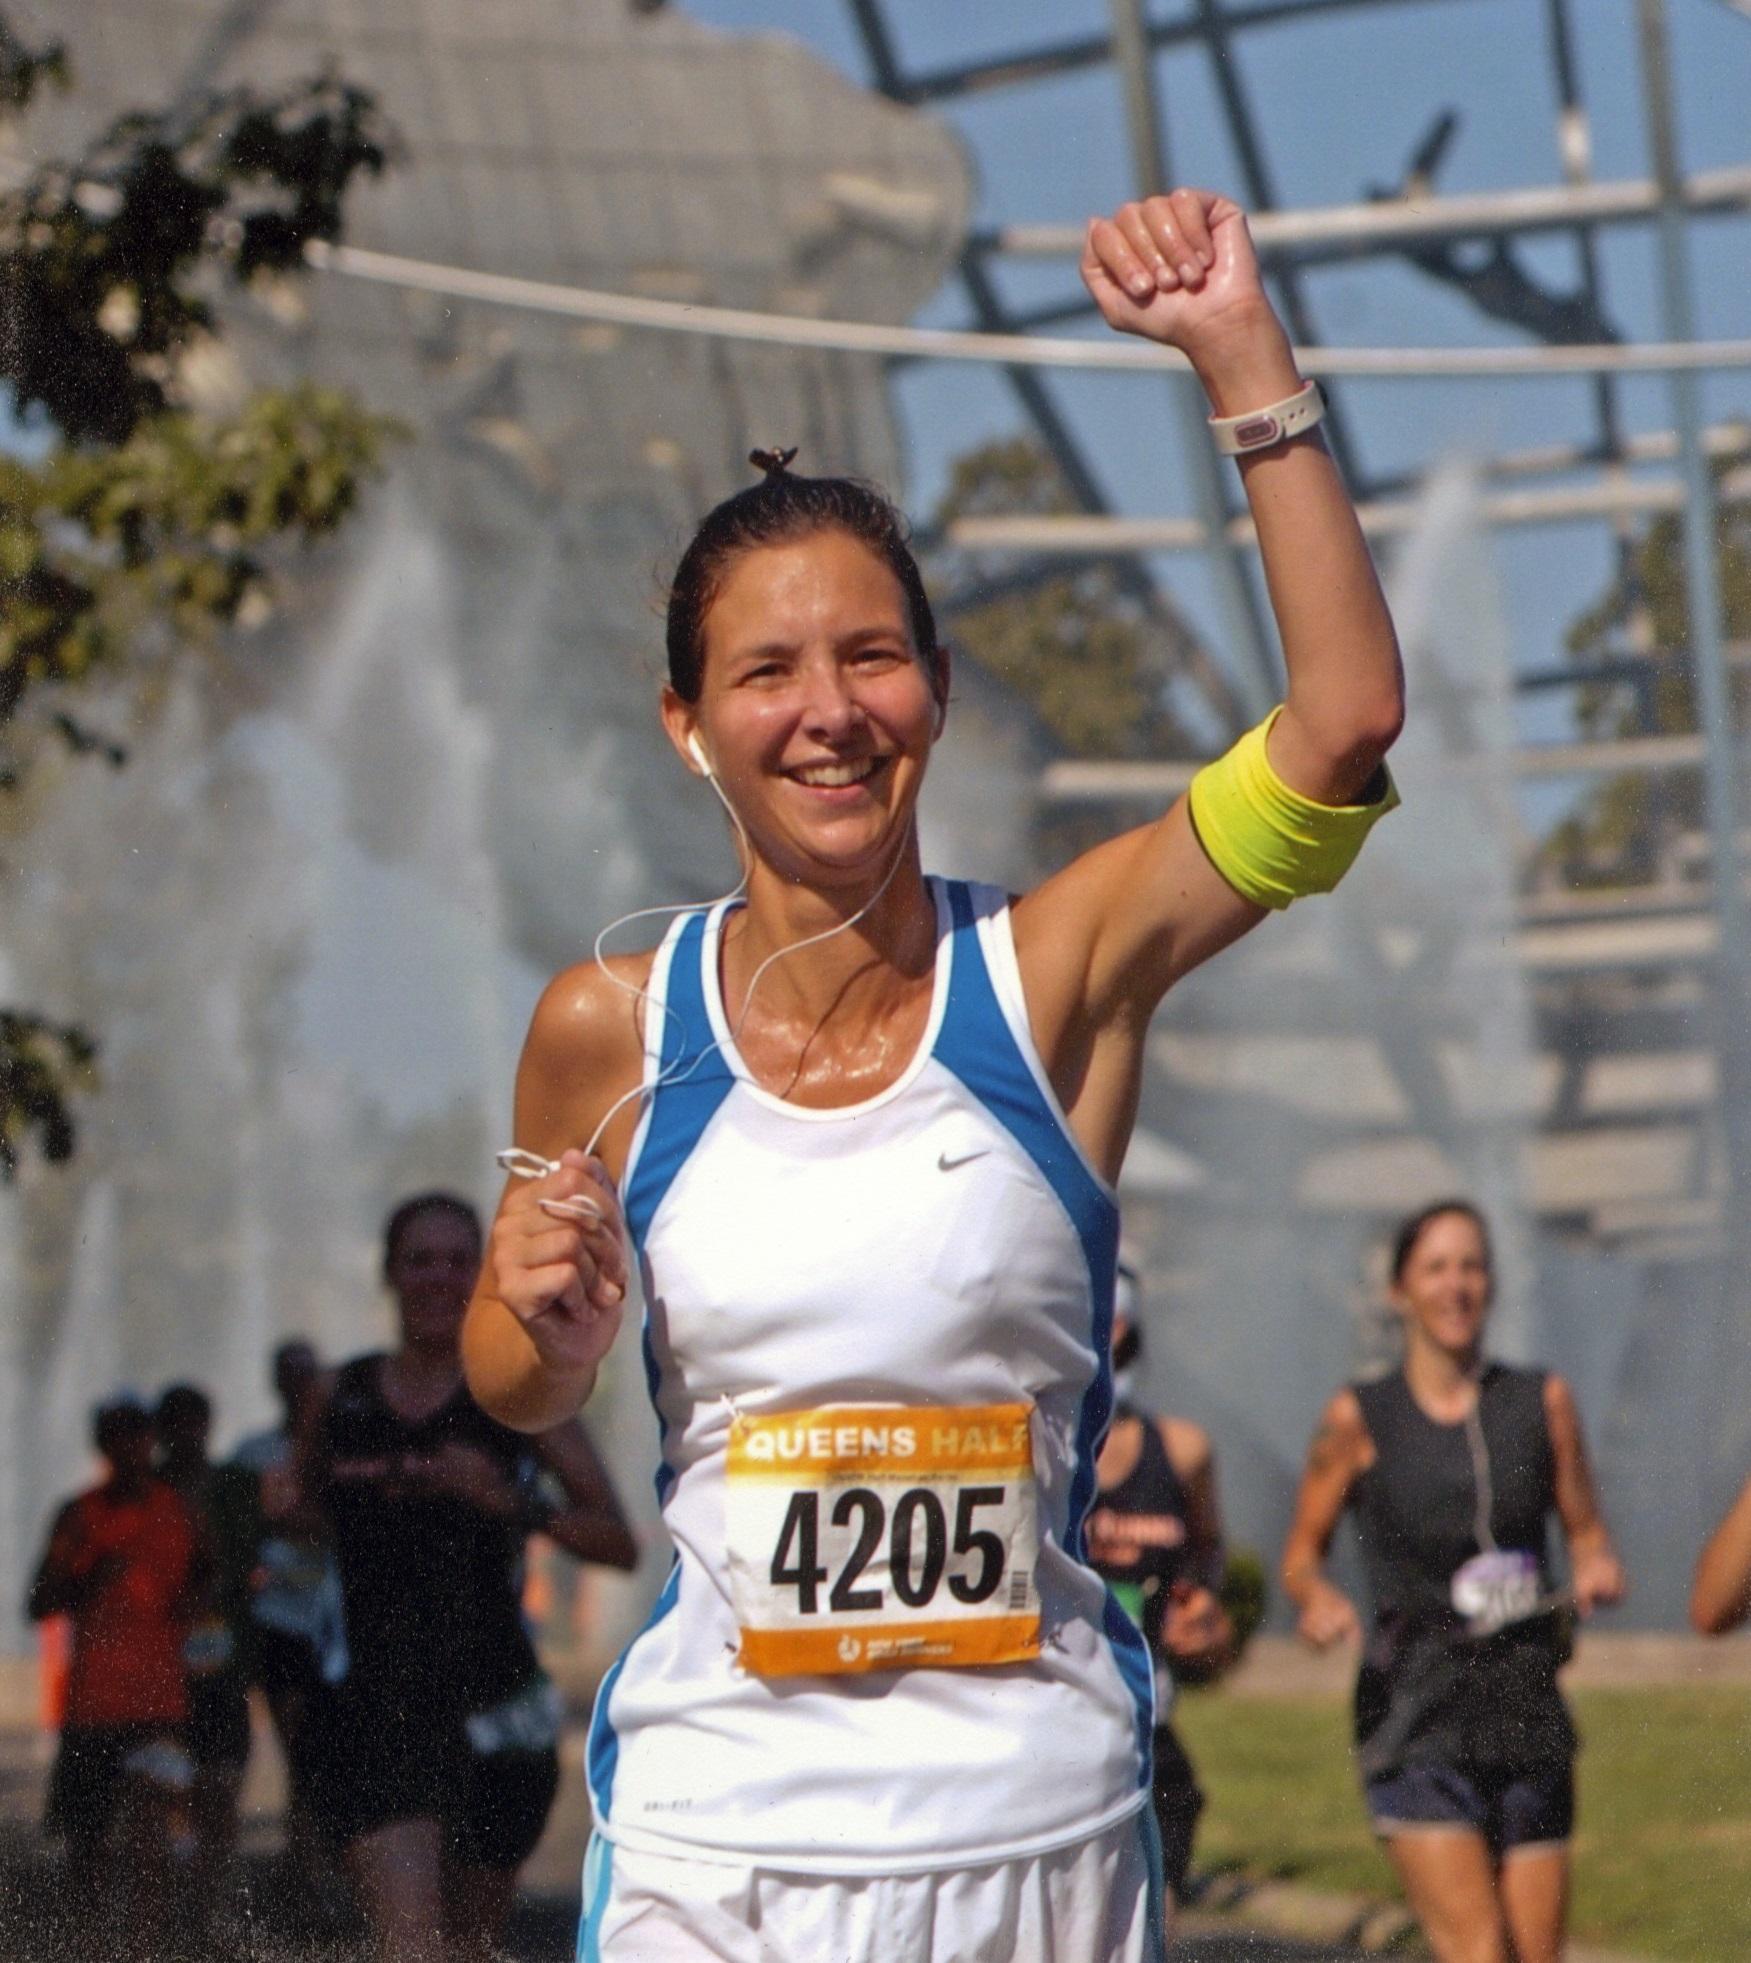 Nicole at the Queen's Half-Marathon.